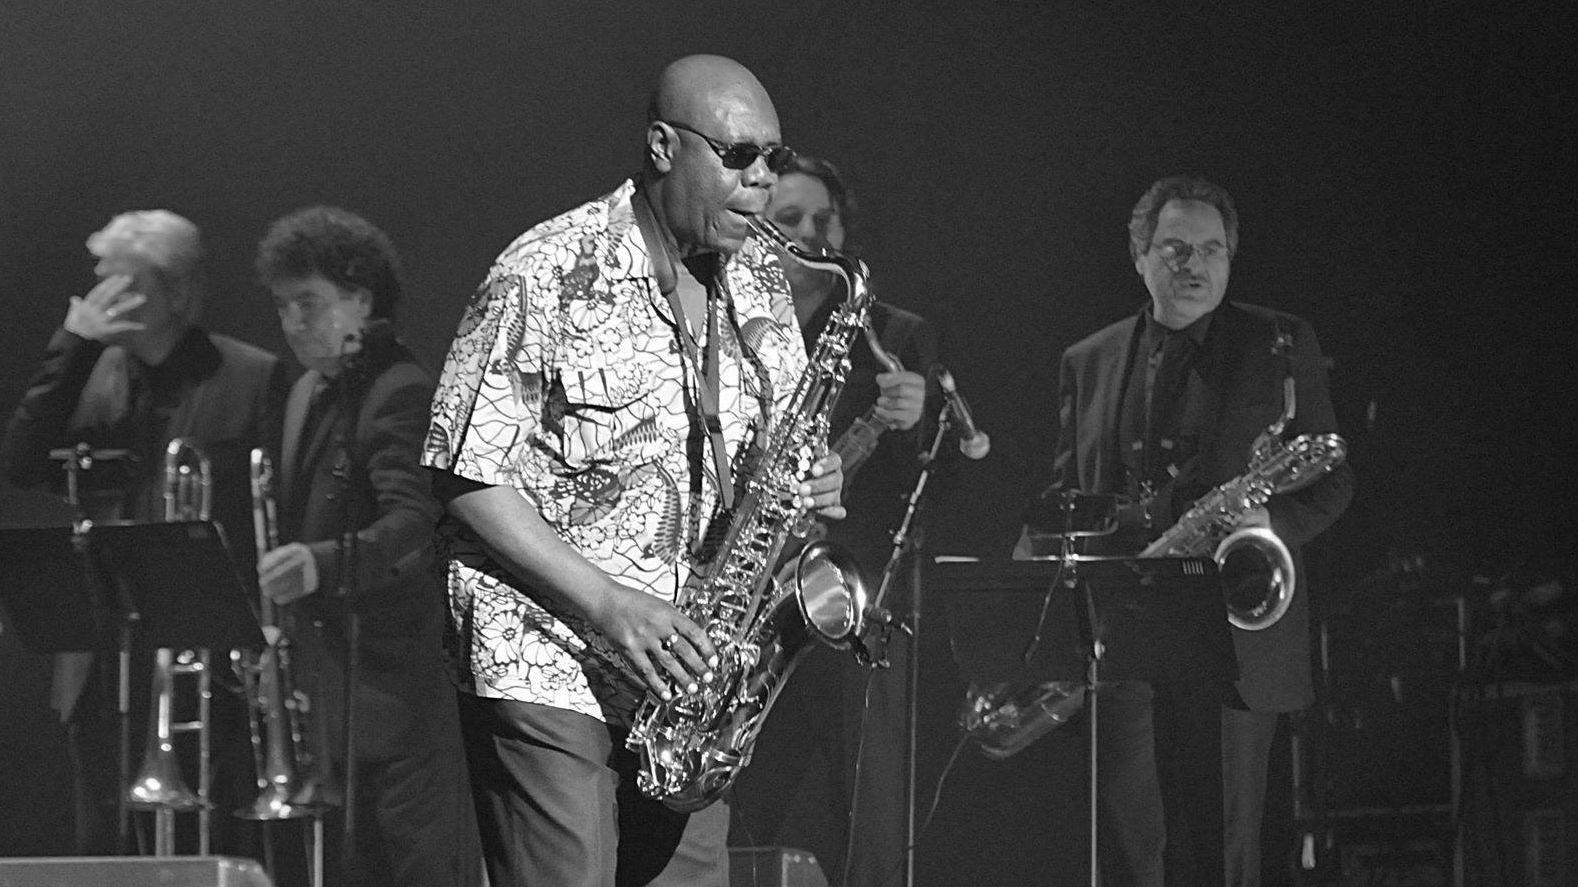 Der Jazz-Musiker Manu Dibango bei einem Konzert am Saxofon.